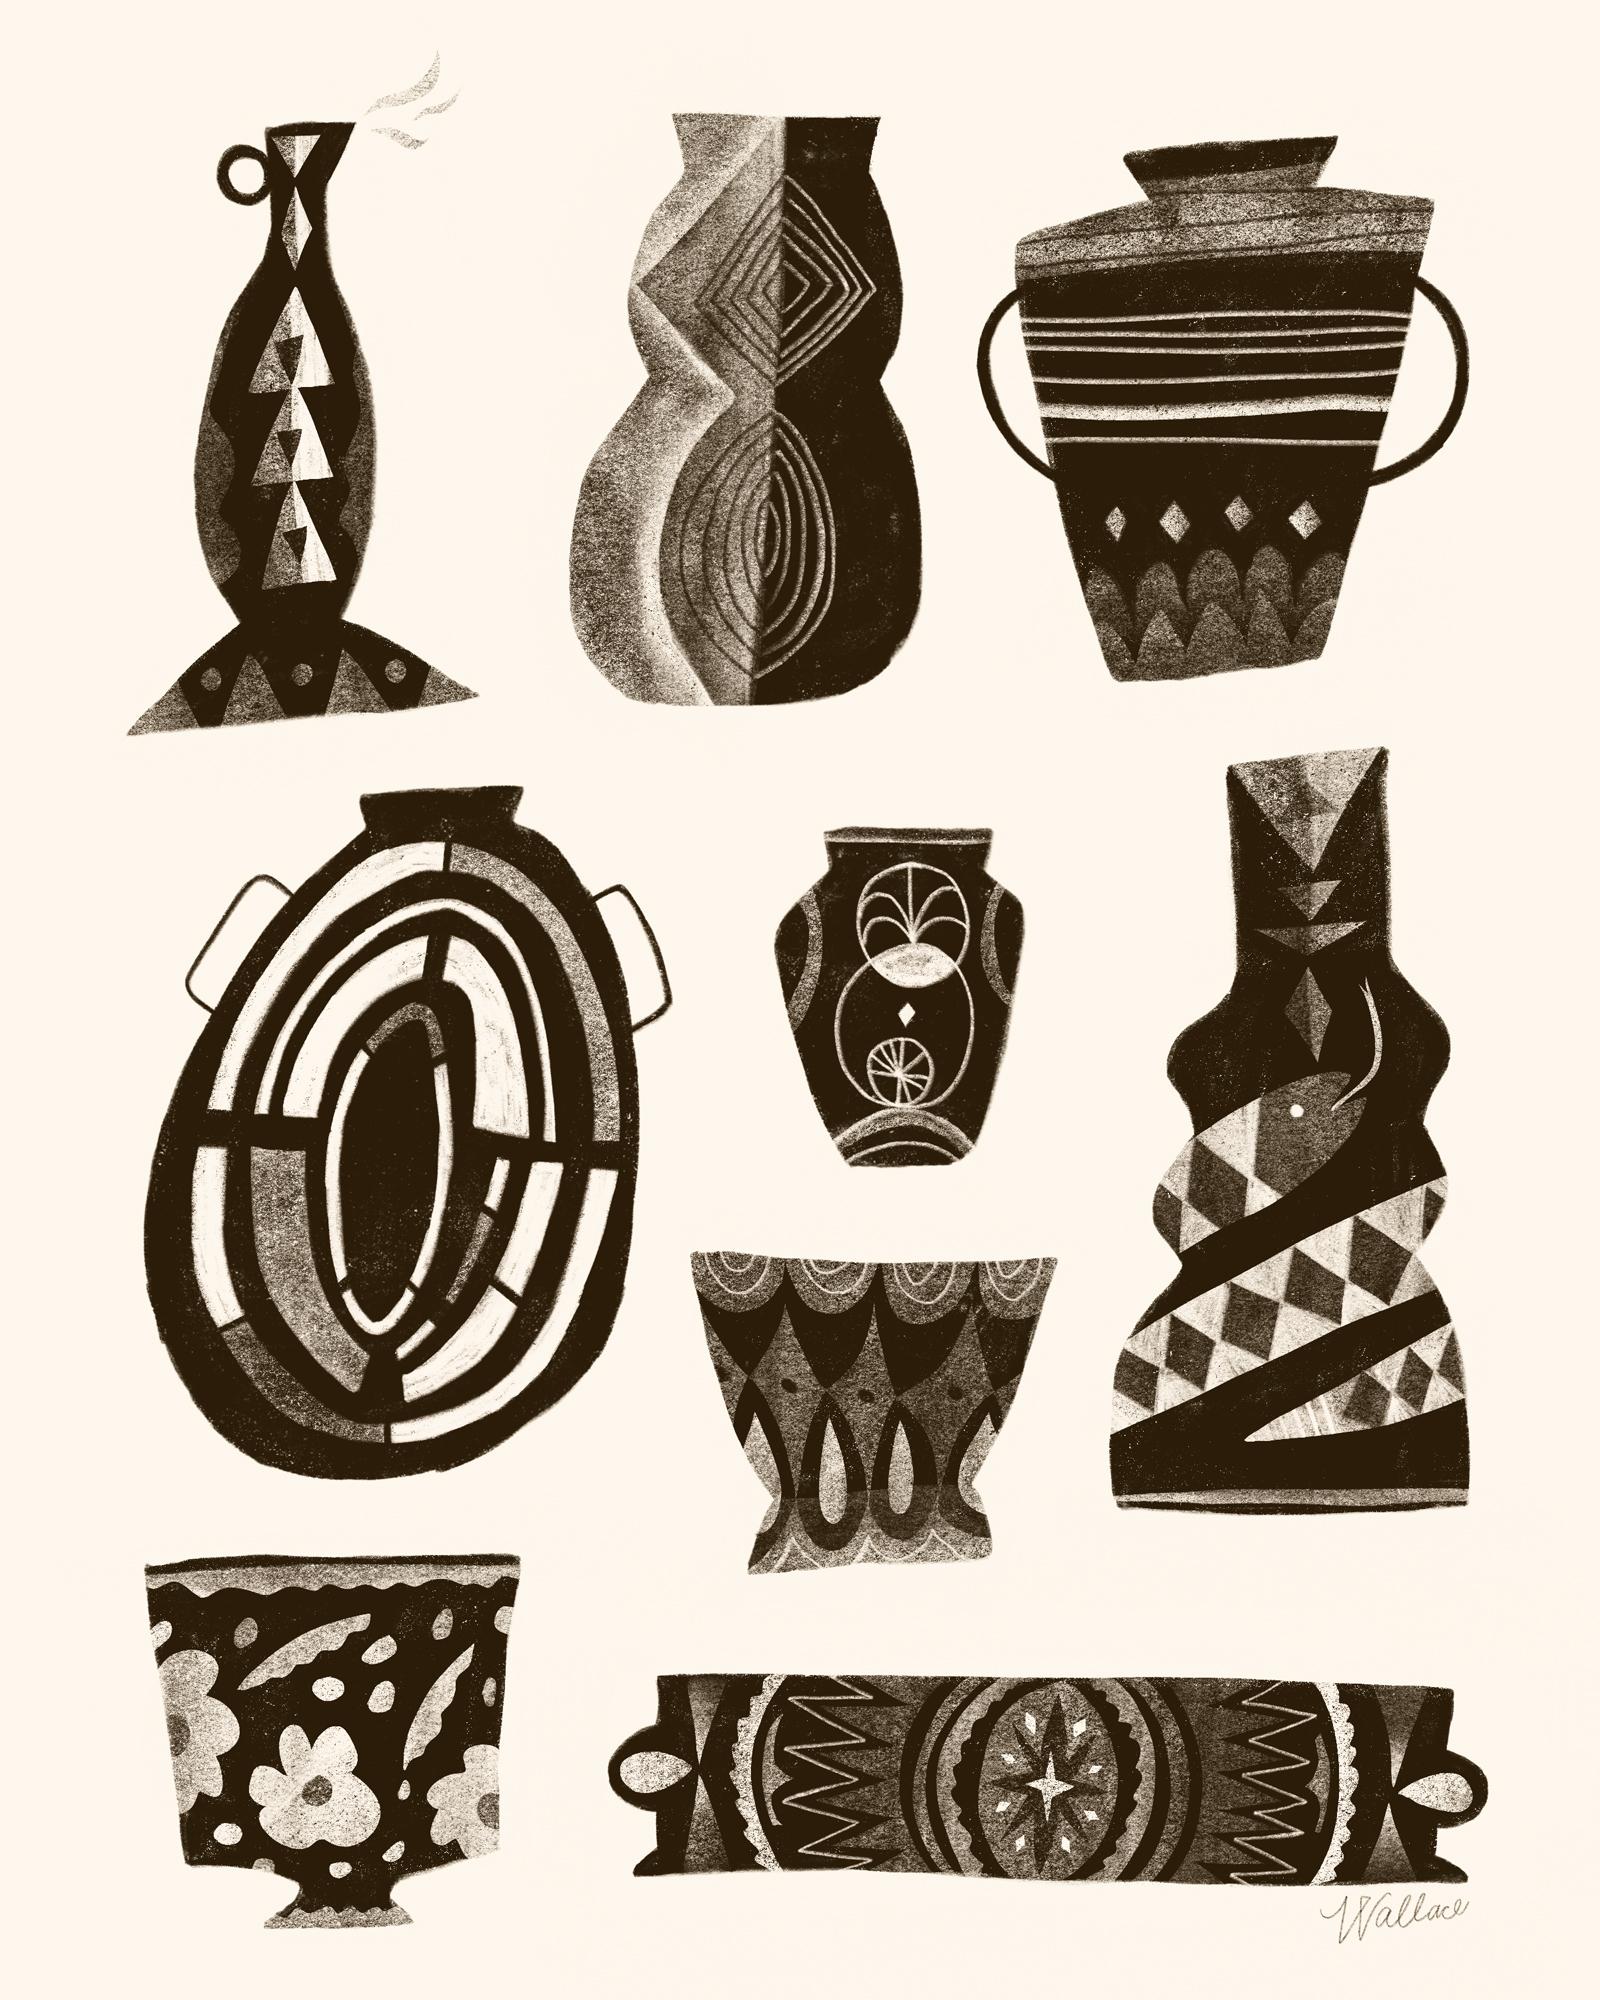 erin-wallace-pots.jpg